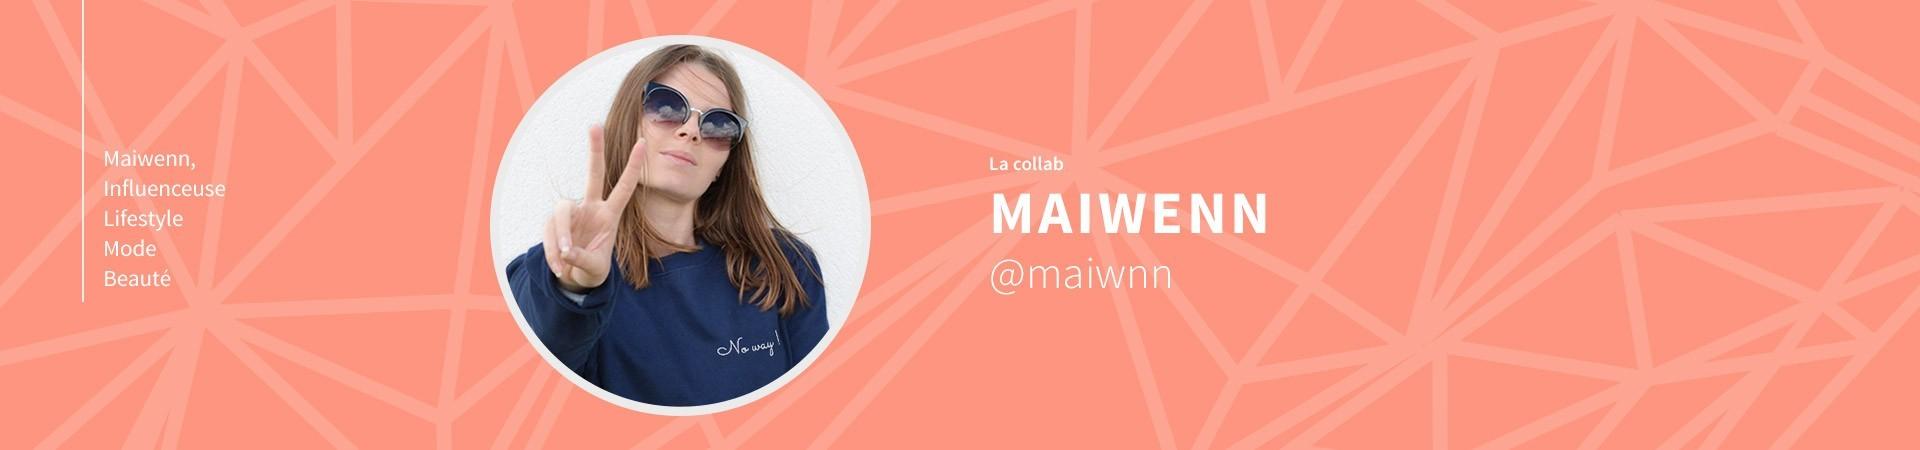 Maiwenn